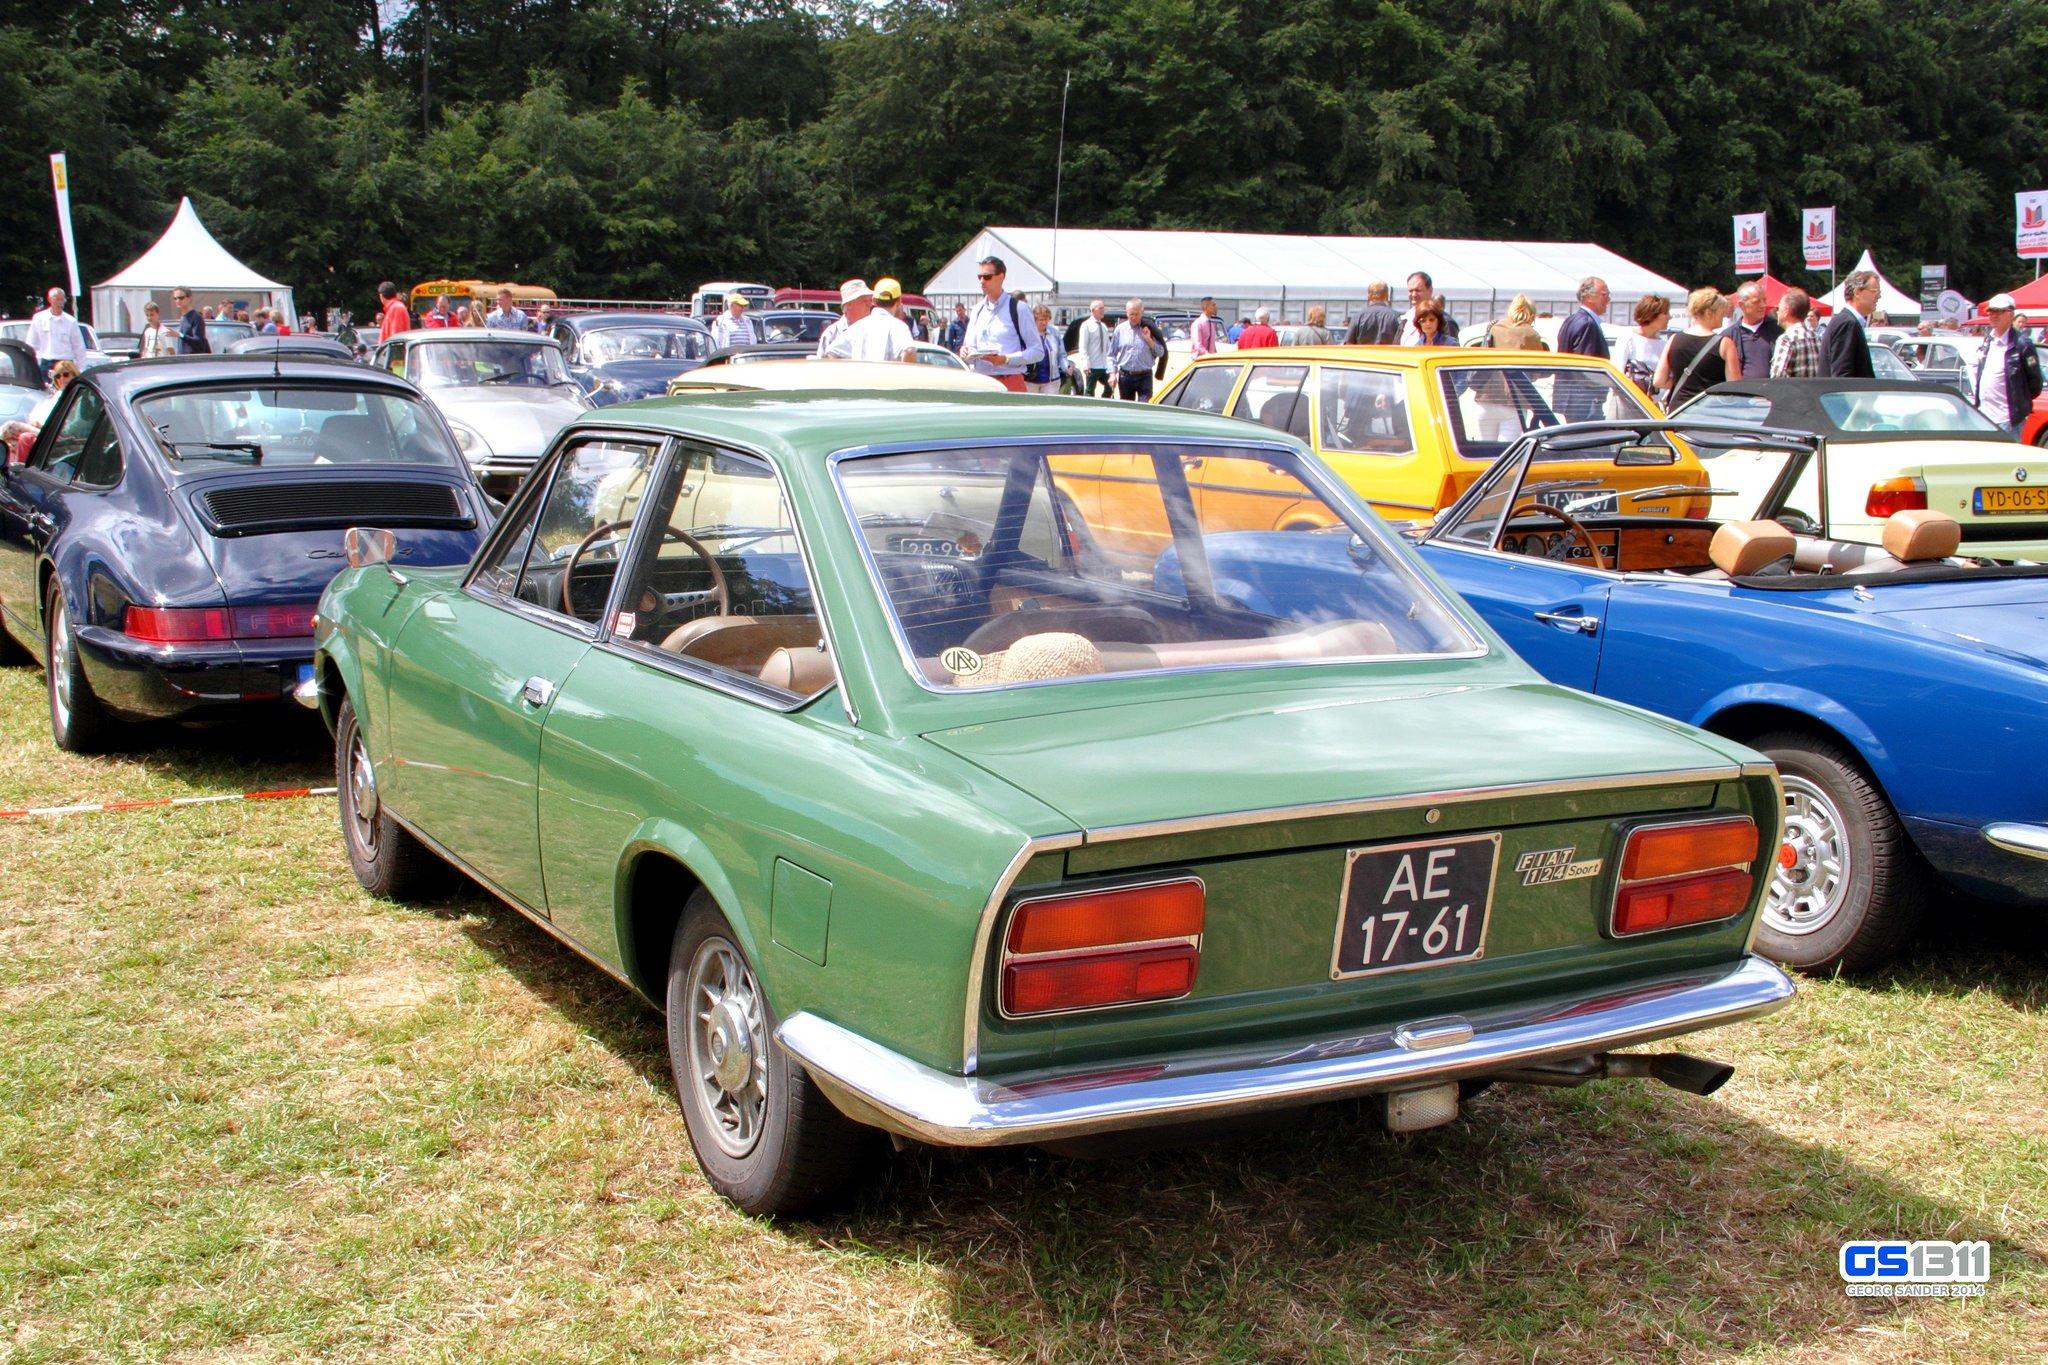 fiat 124 sport coupe mk1 classic cars italia wallpaper